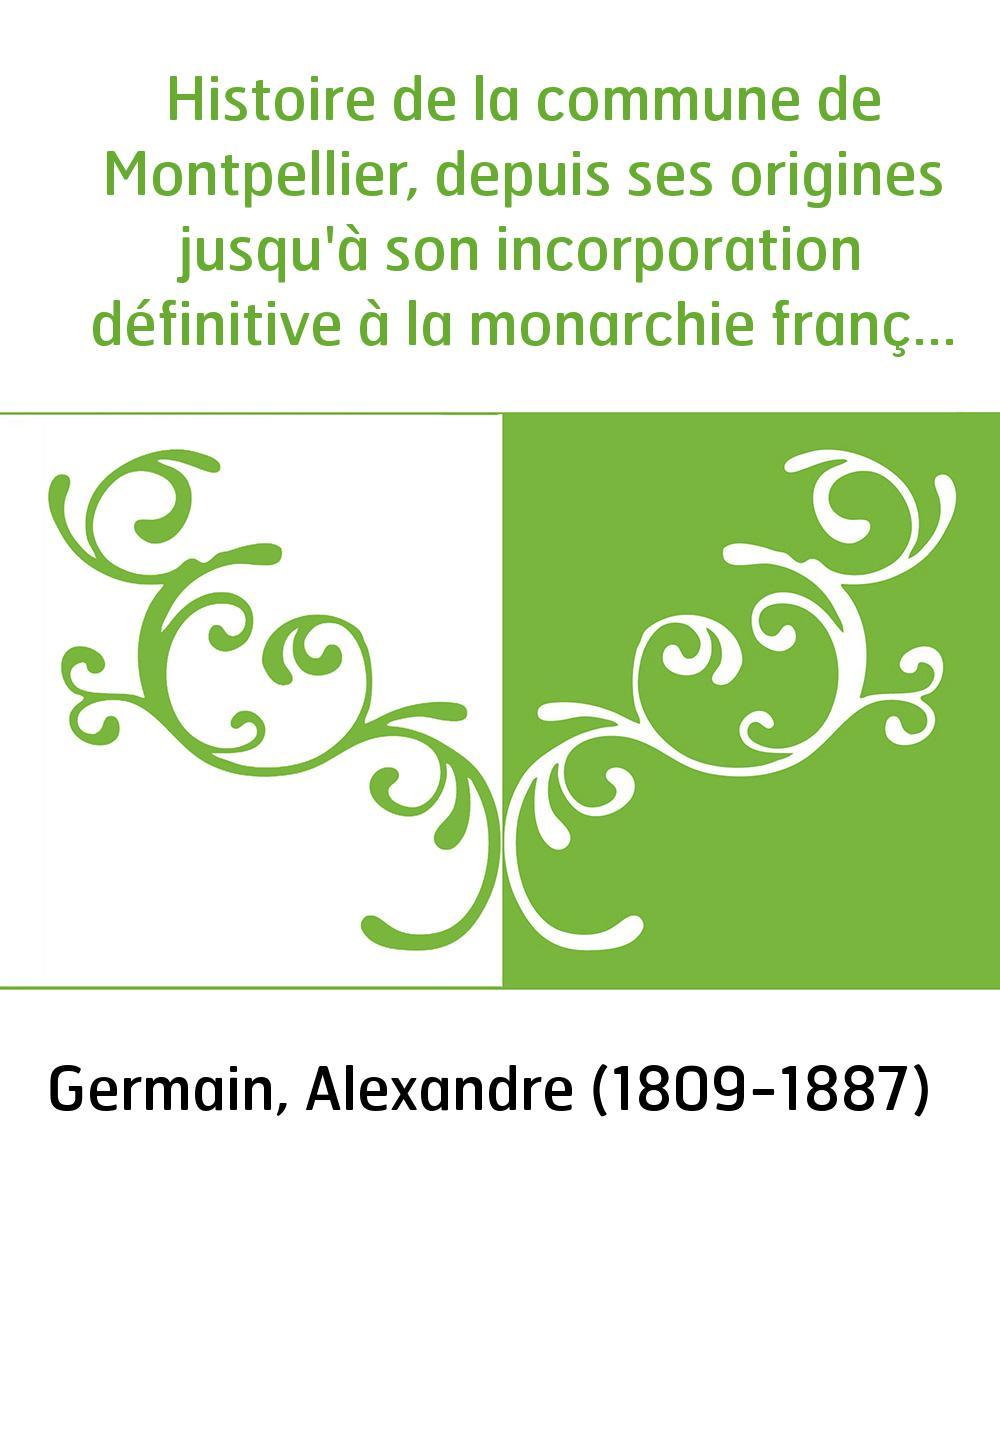 Histoire de la commune de Montpellier, depuis ses origines jusqu'à son incorporation définitive à la monarchie française. T. 1 /